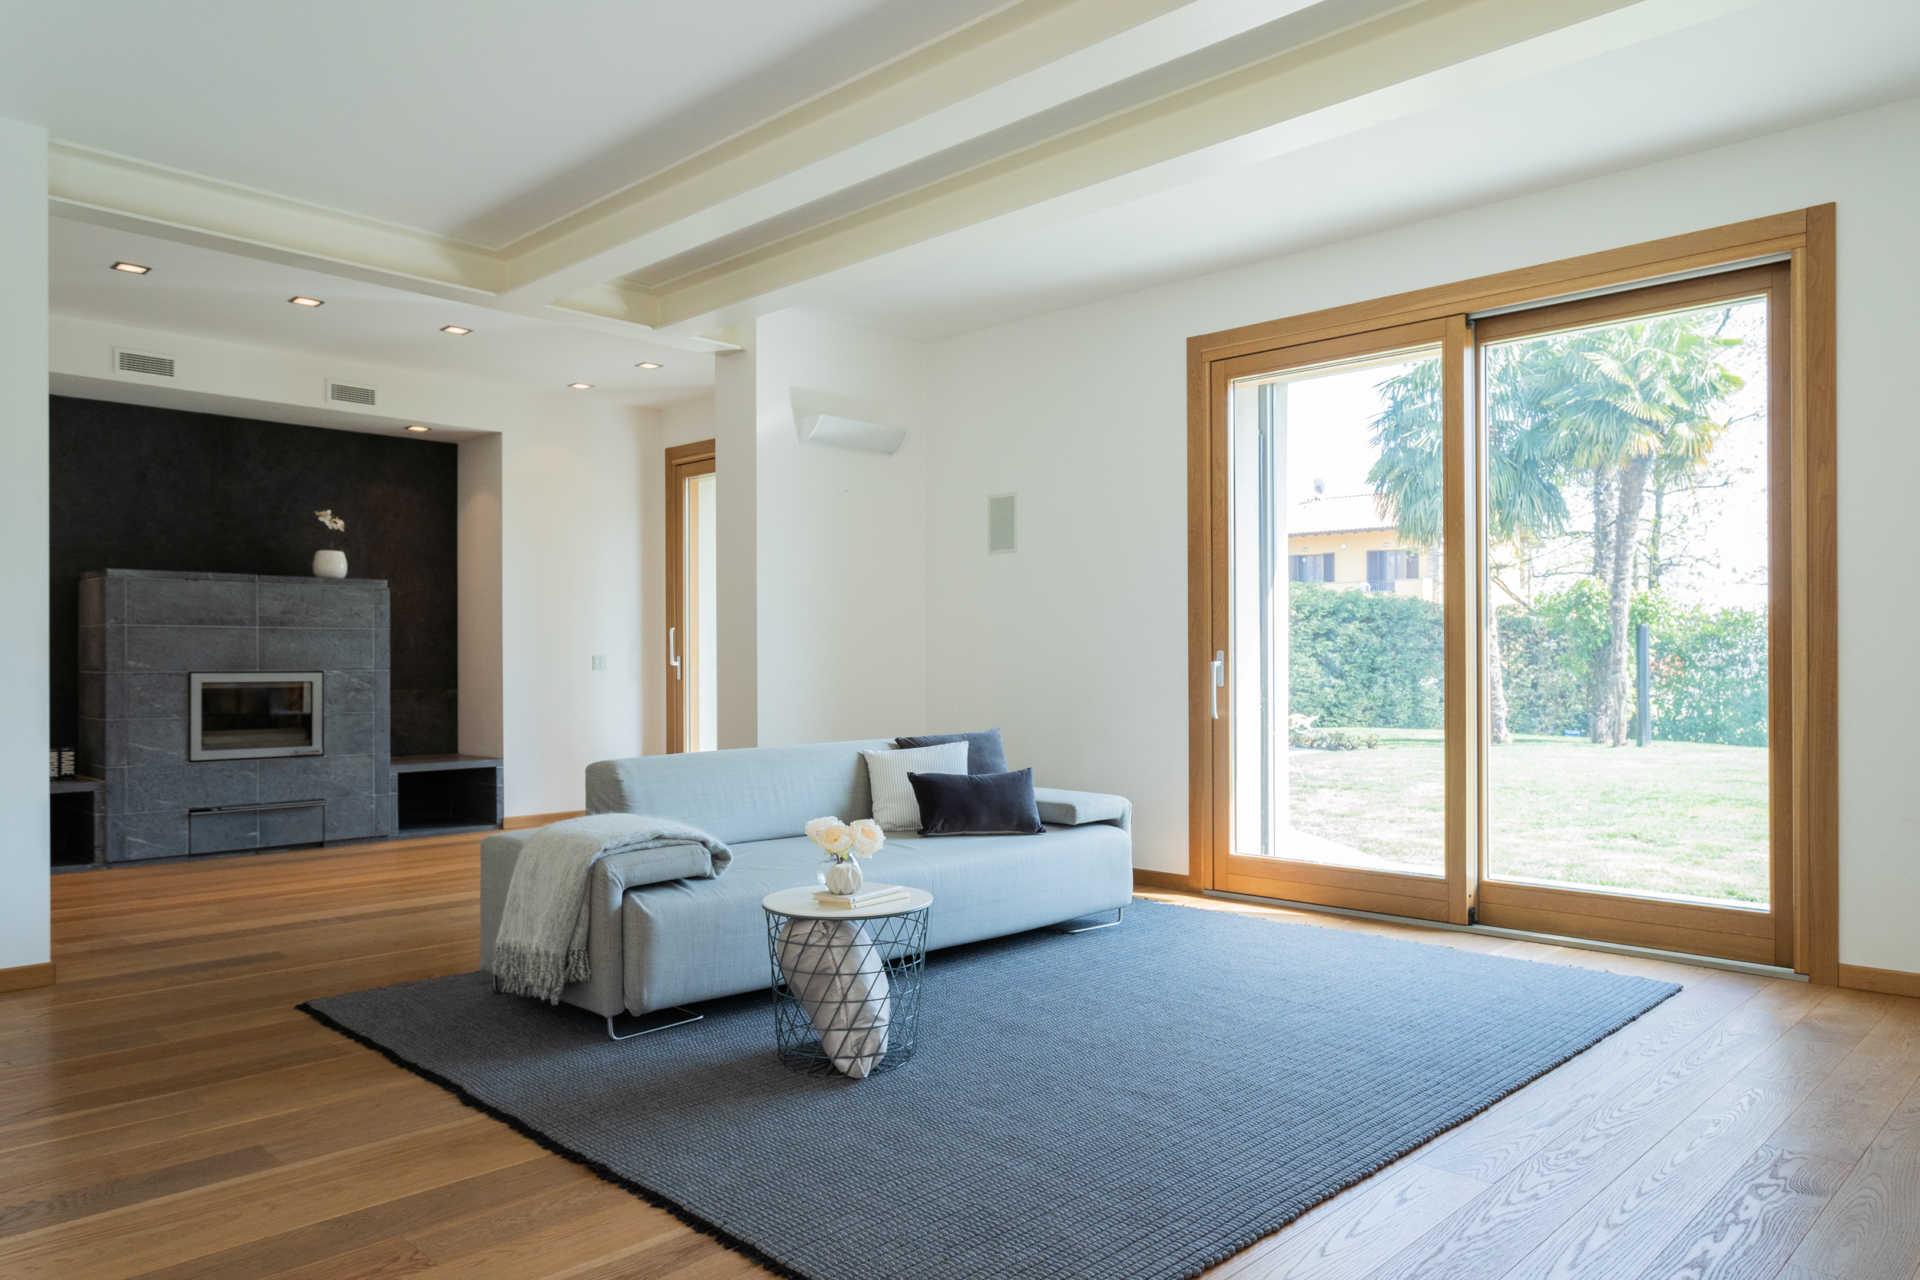 Come preparare casa per venderla con l'home staging immobiliare - Casa&Style